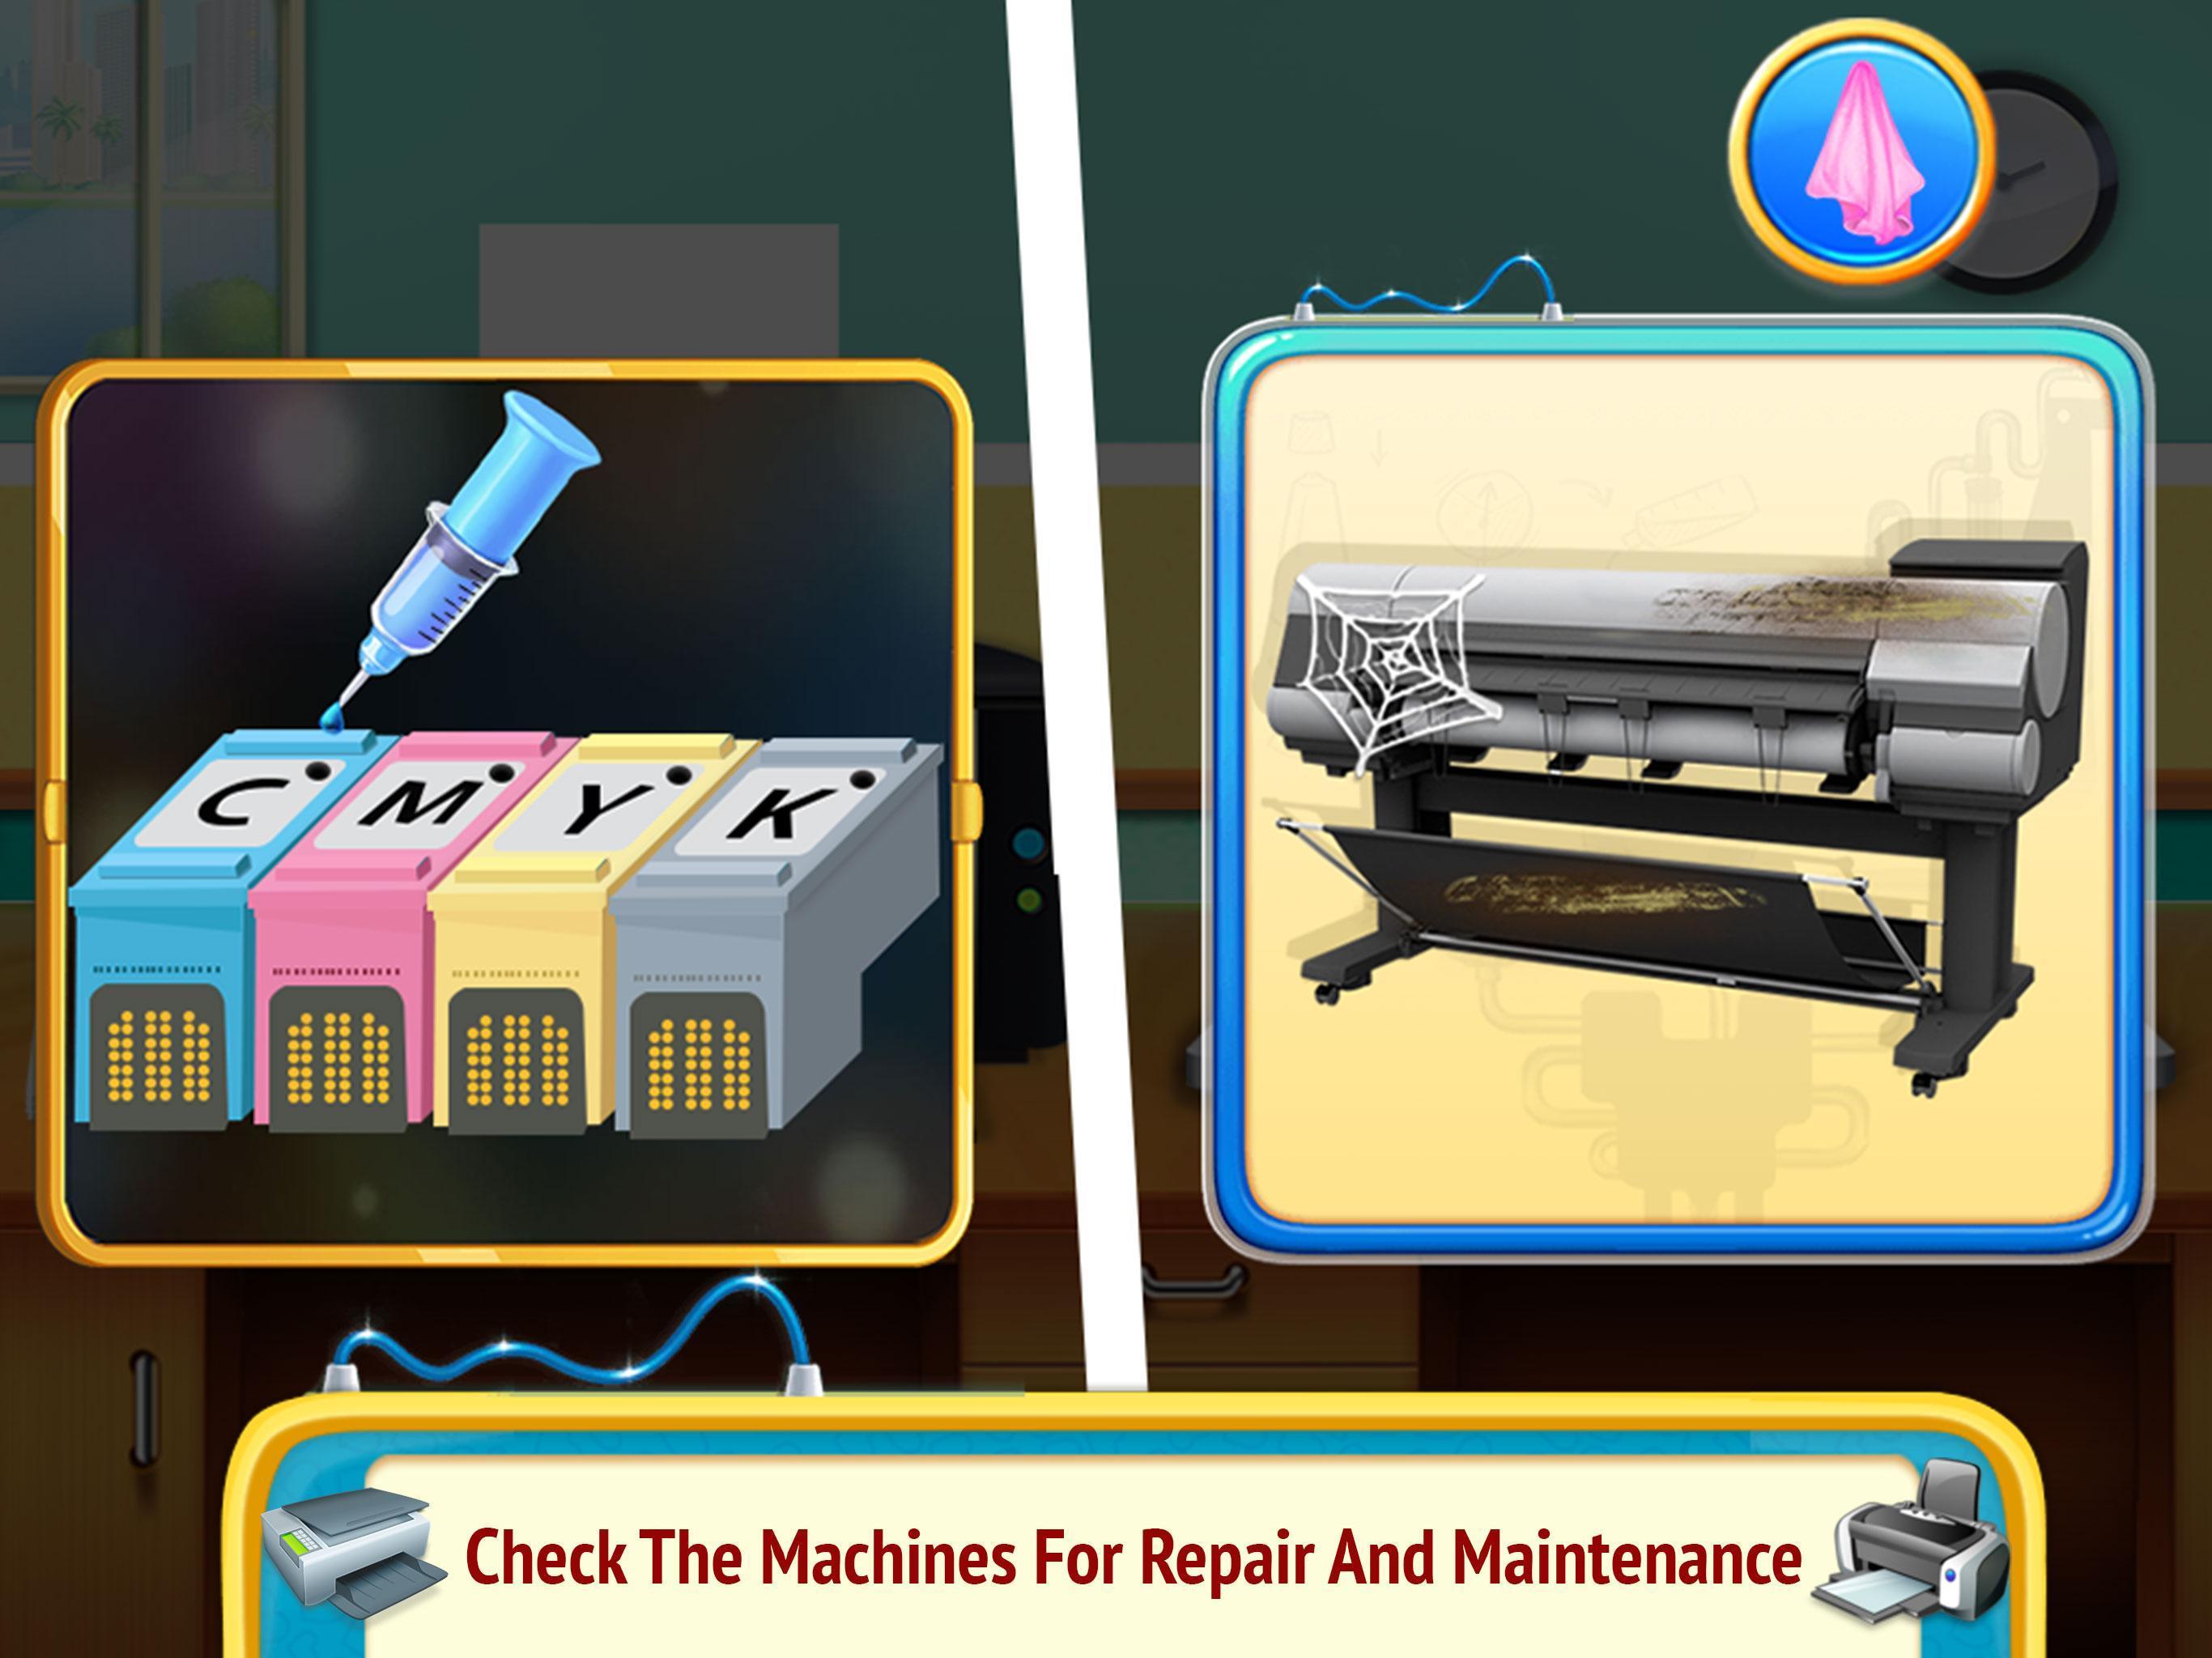 Printer Simulator